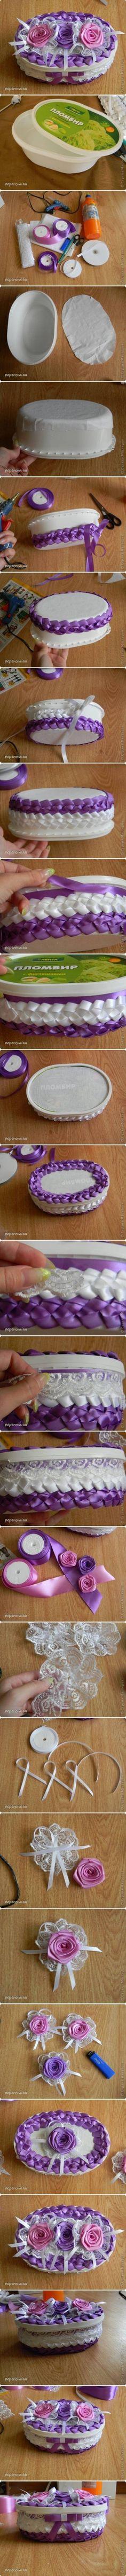 DIY Box of Ribbon DIY Box of Ribbon by diyforever